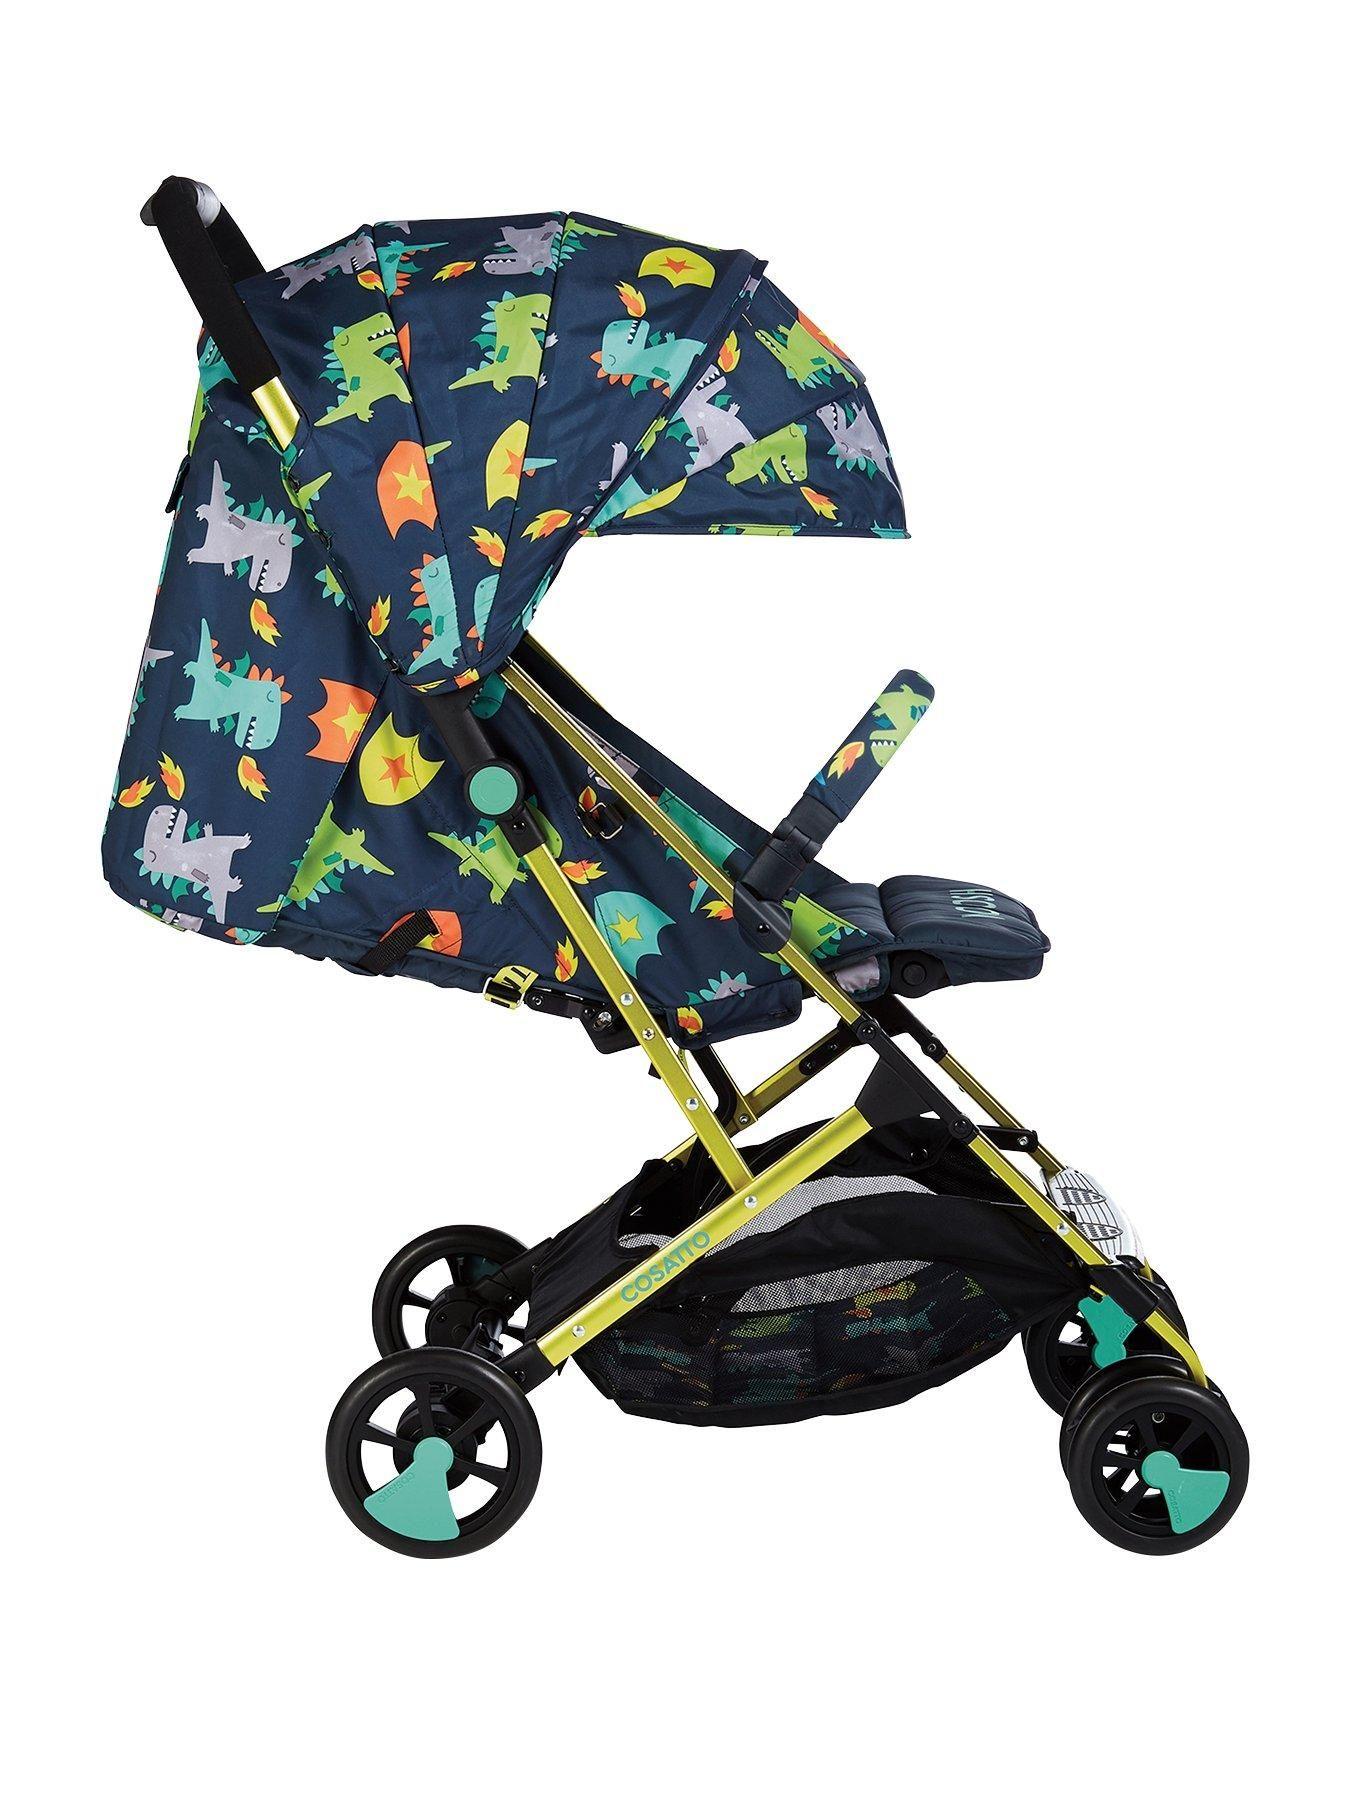 Woosh 2 Stroller Dragon Kingdom in 2020 Stroller